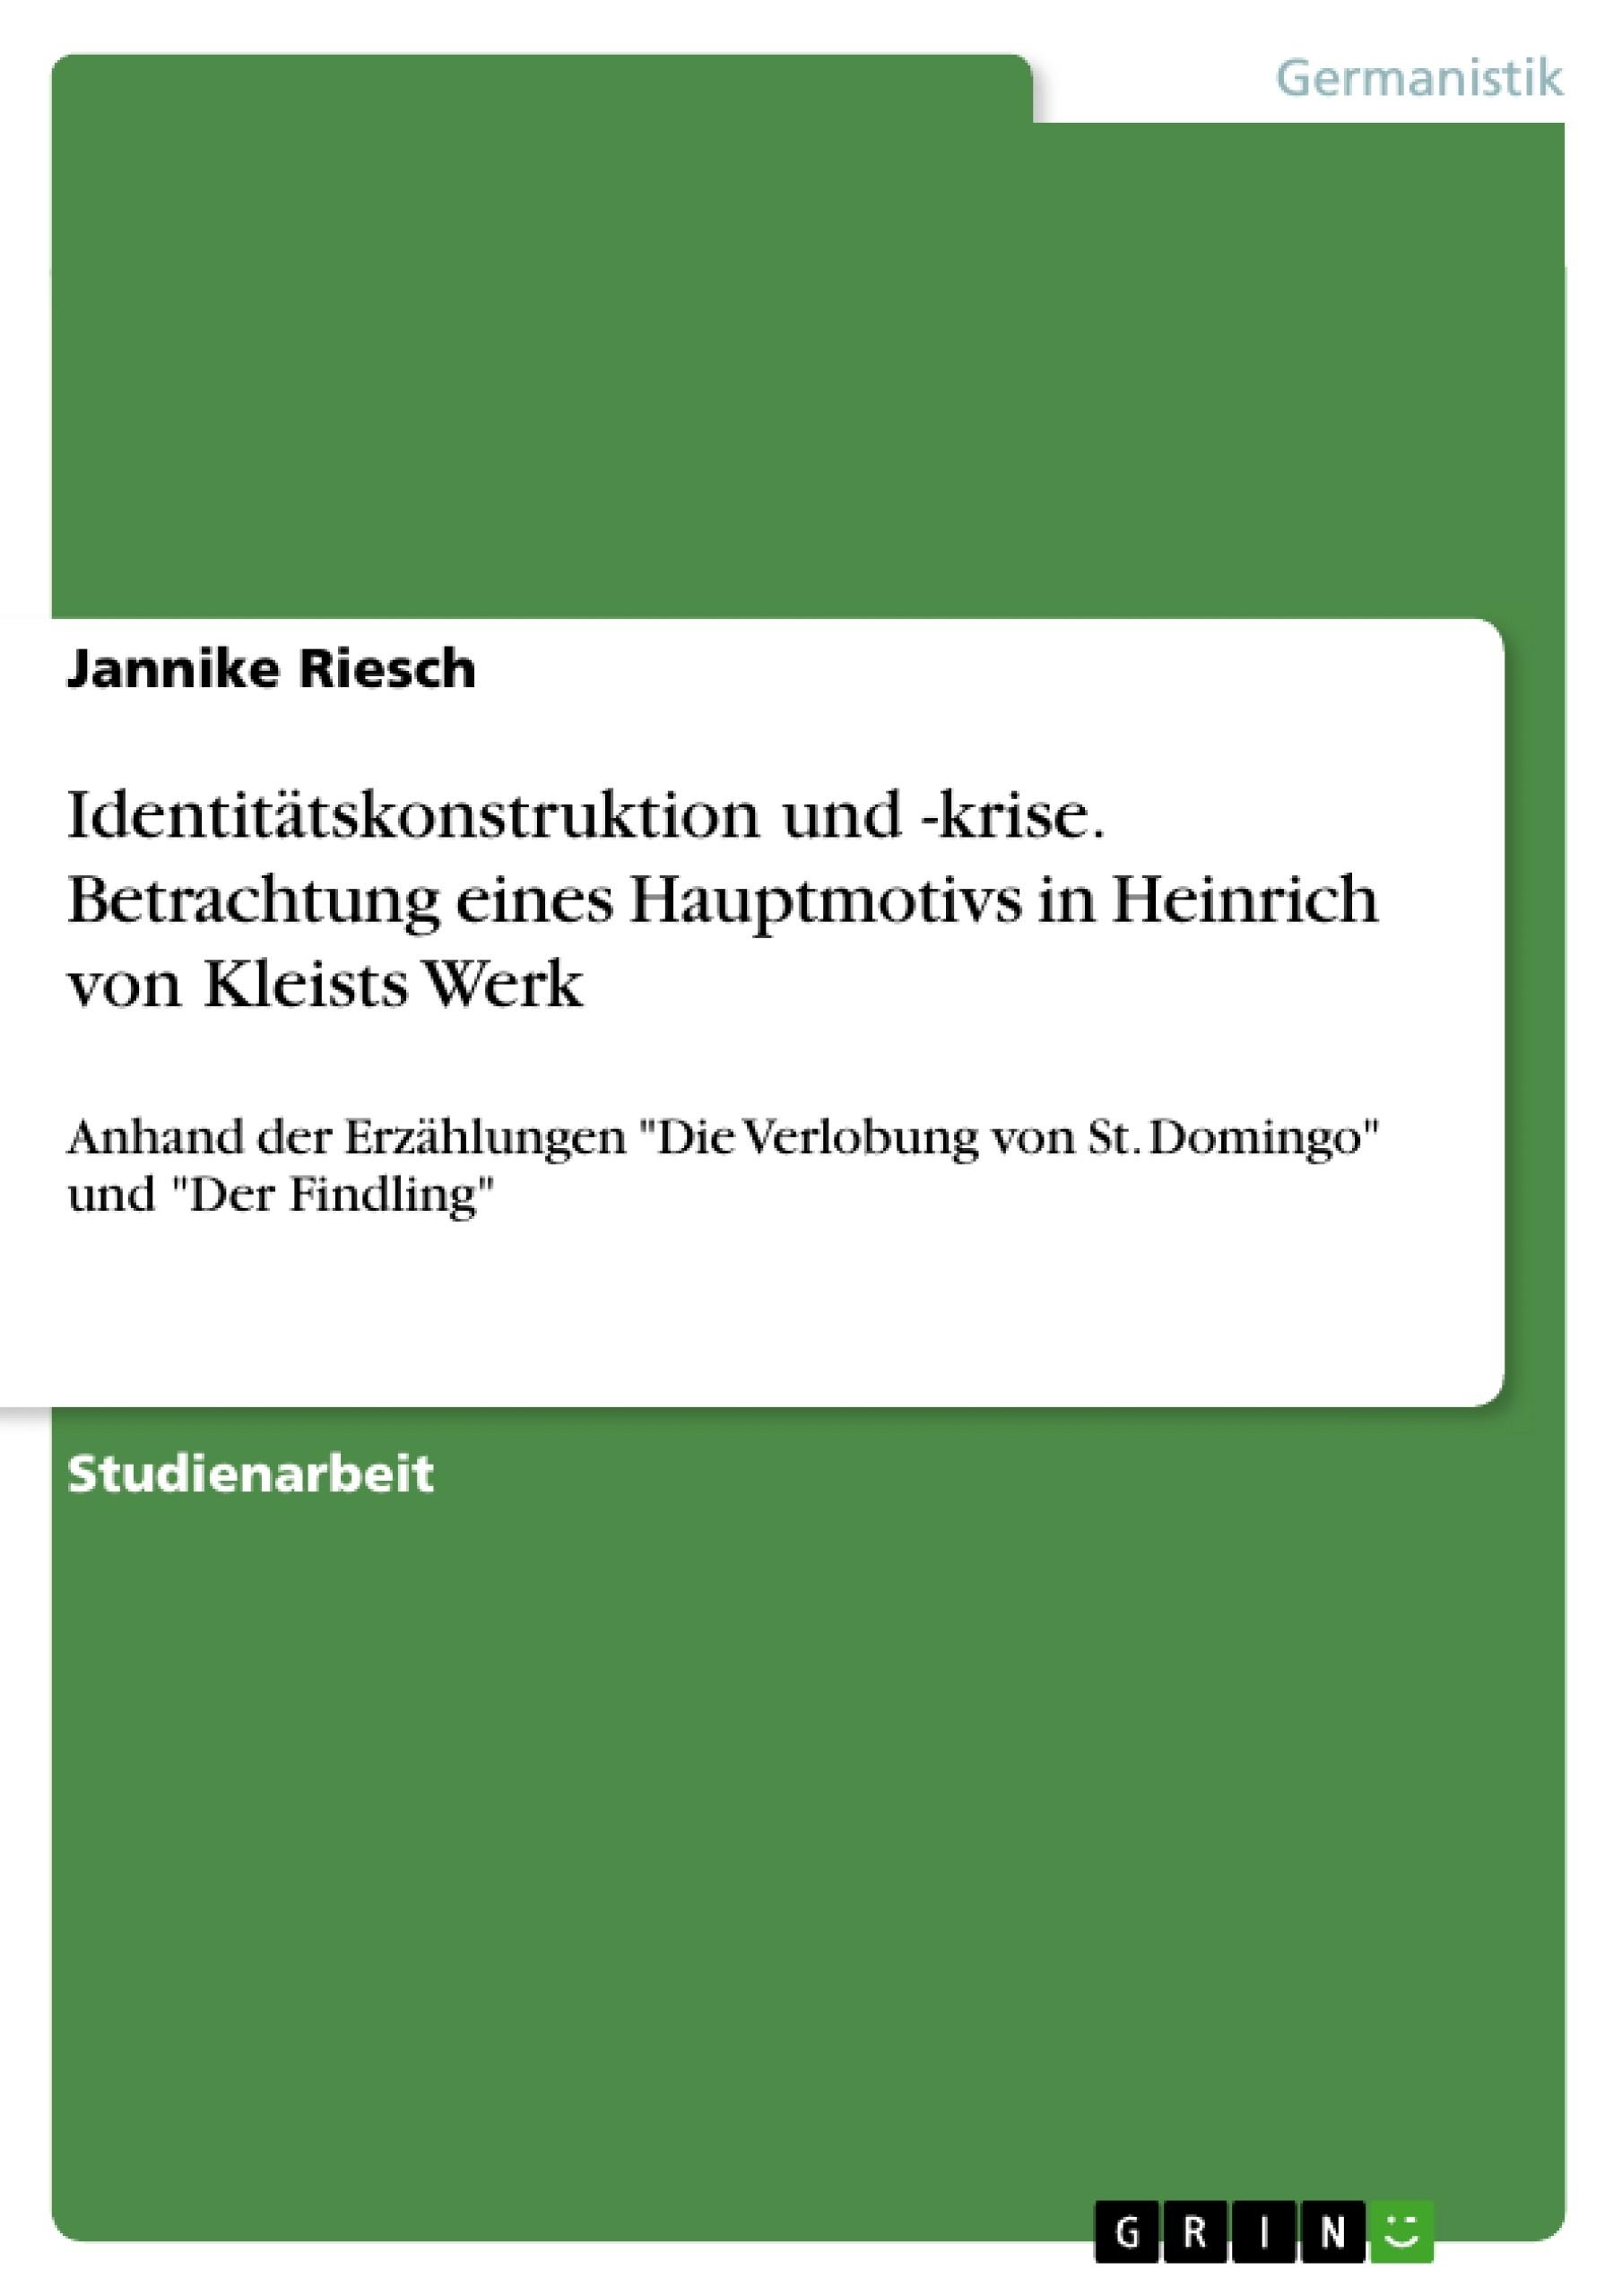 Titel: Identitätskonstruktion und -krise. Betrachtung eines Hauptmotivs in Heinrich von Kleists Werk